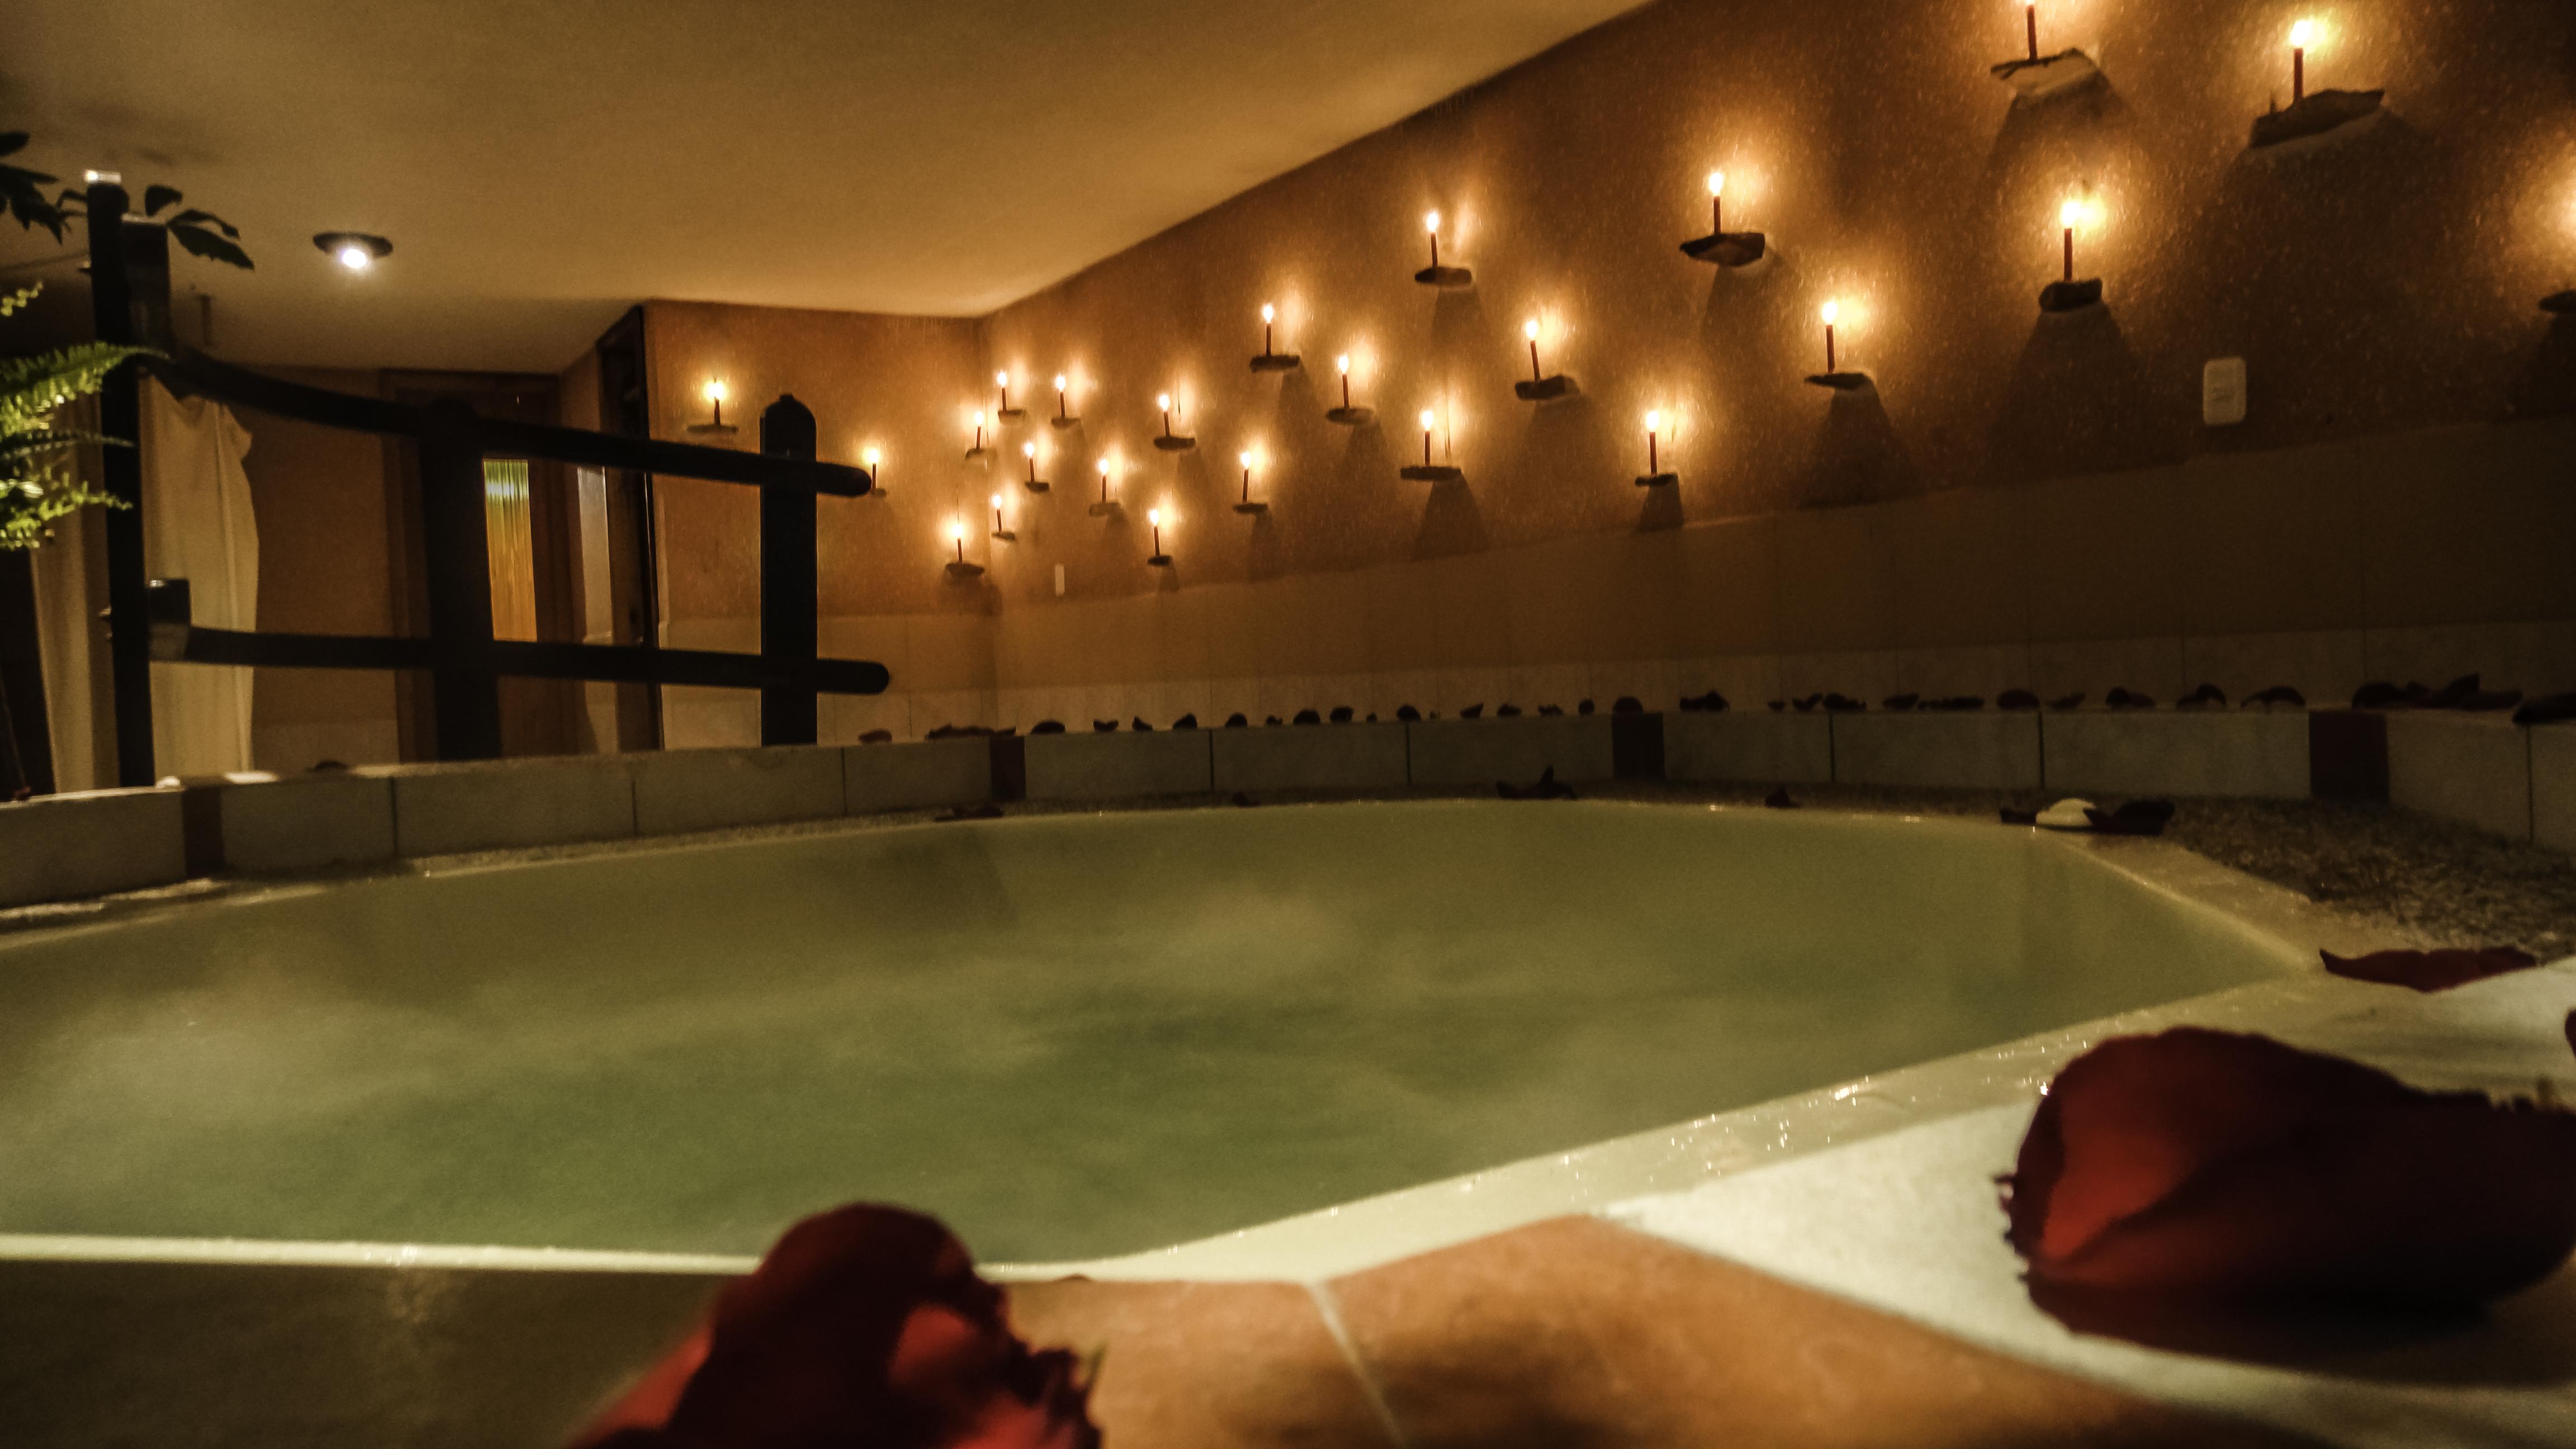 Ahorra un por 3 d as 2 noches para 4 adultos en alisamay hotel